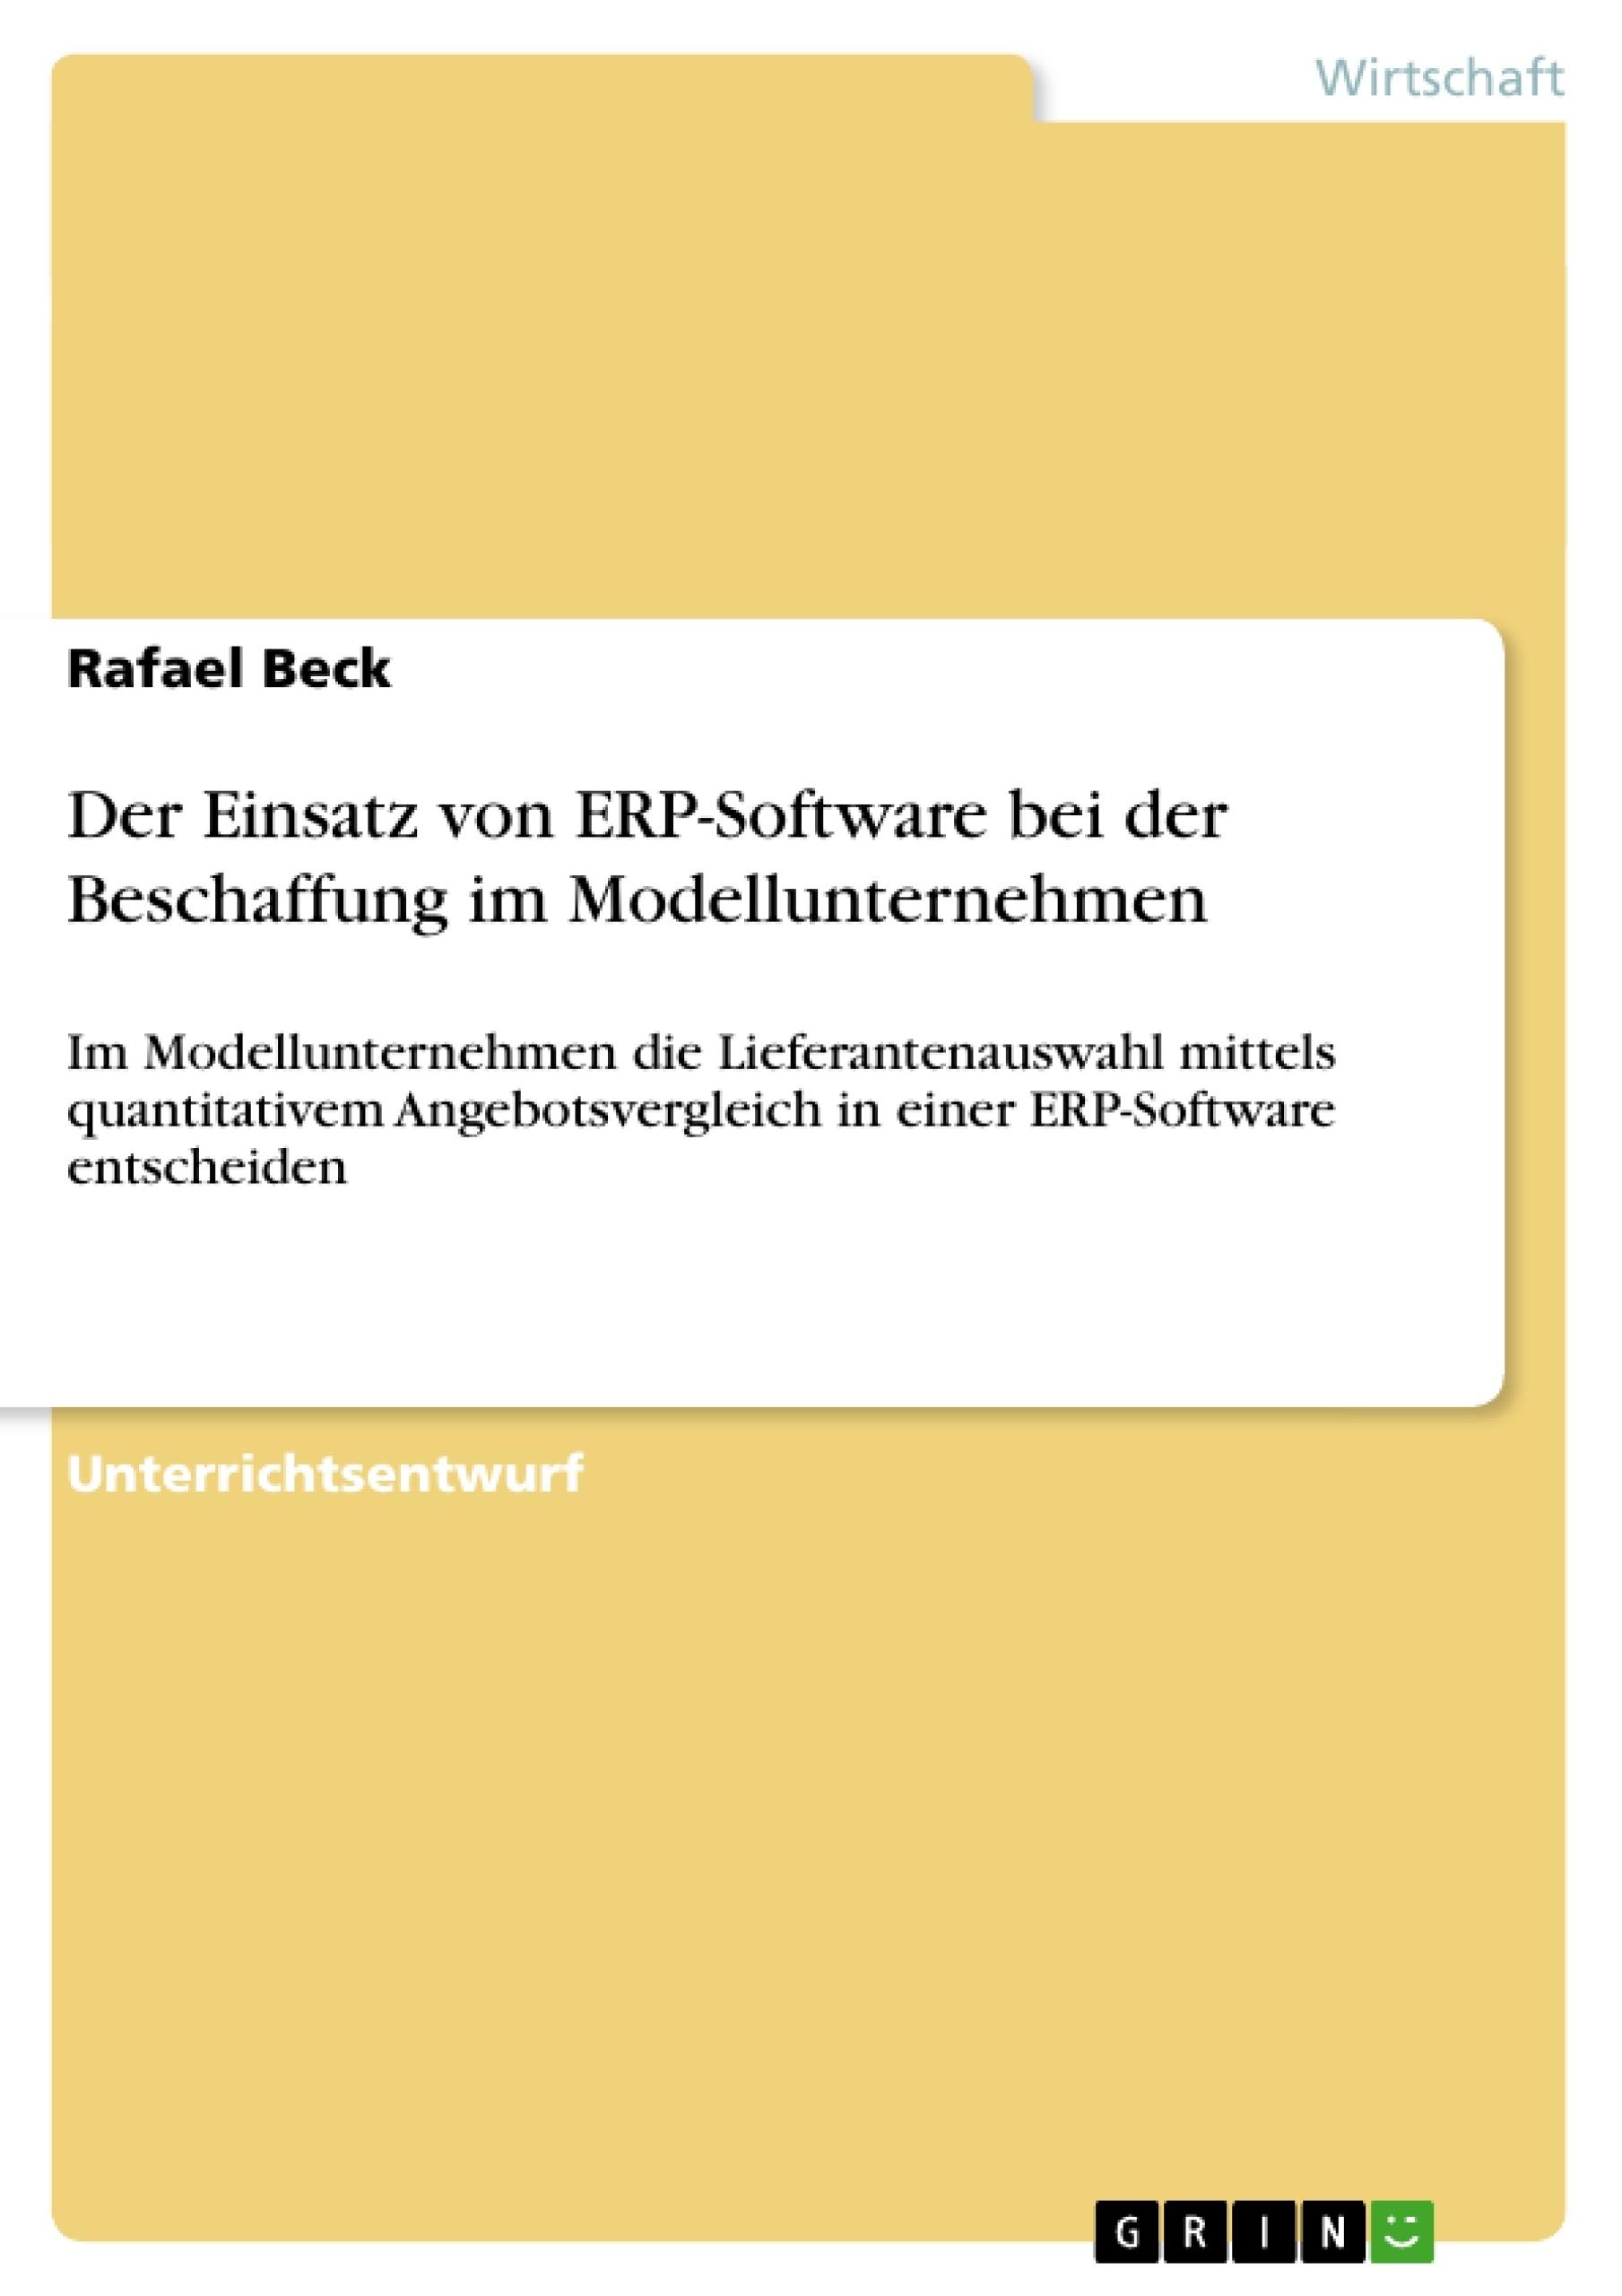 Titel: Der Einsatz von ERP-Software bei der Beschaffung im Modellunternehmen